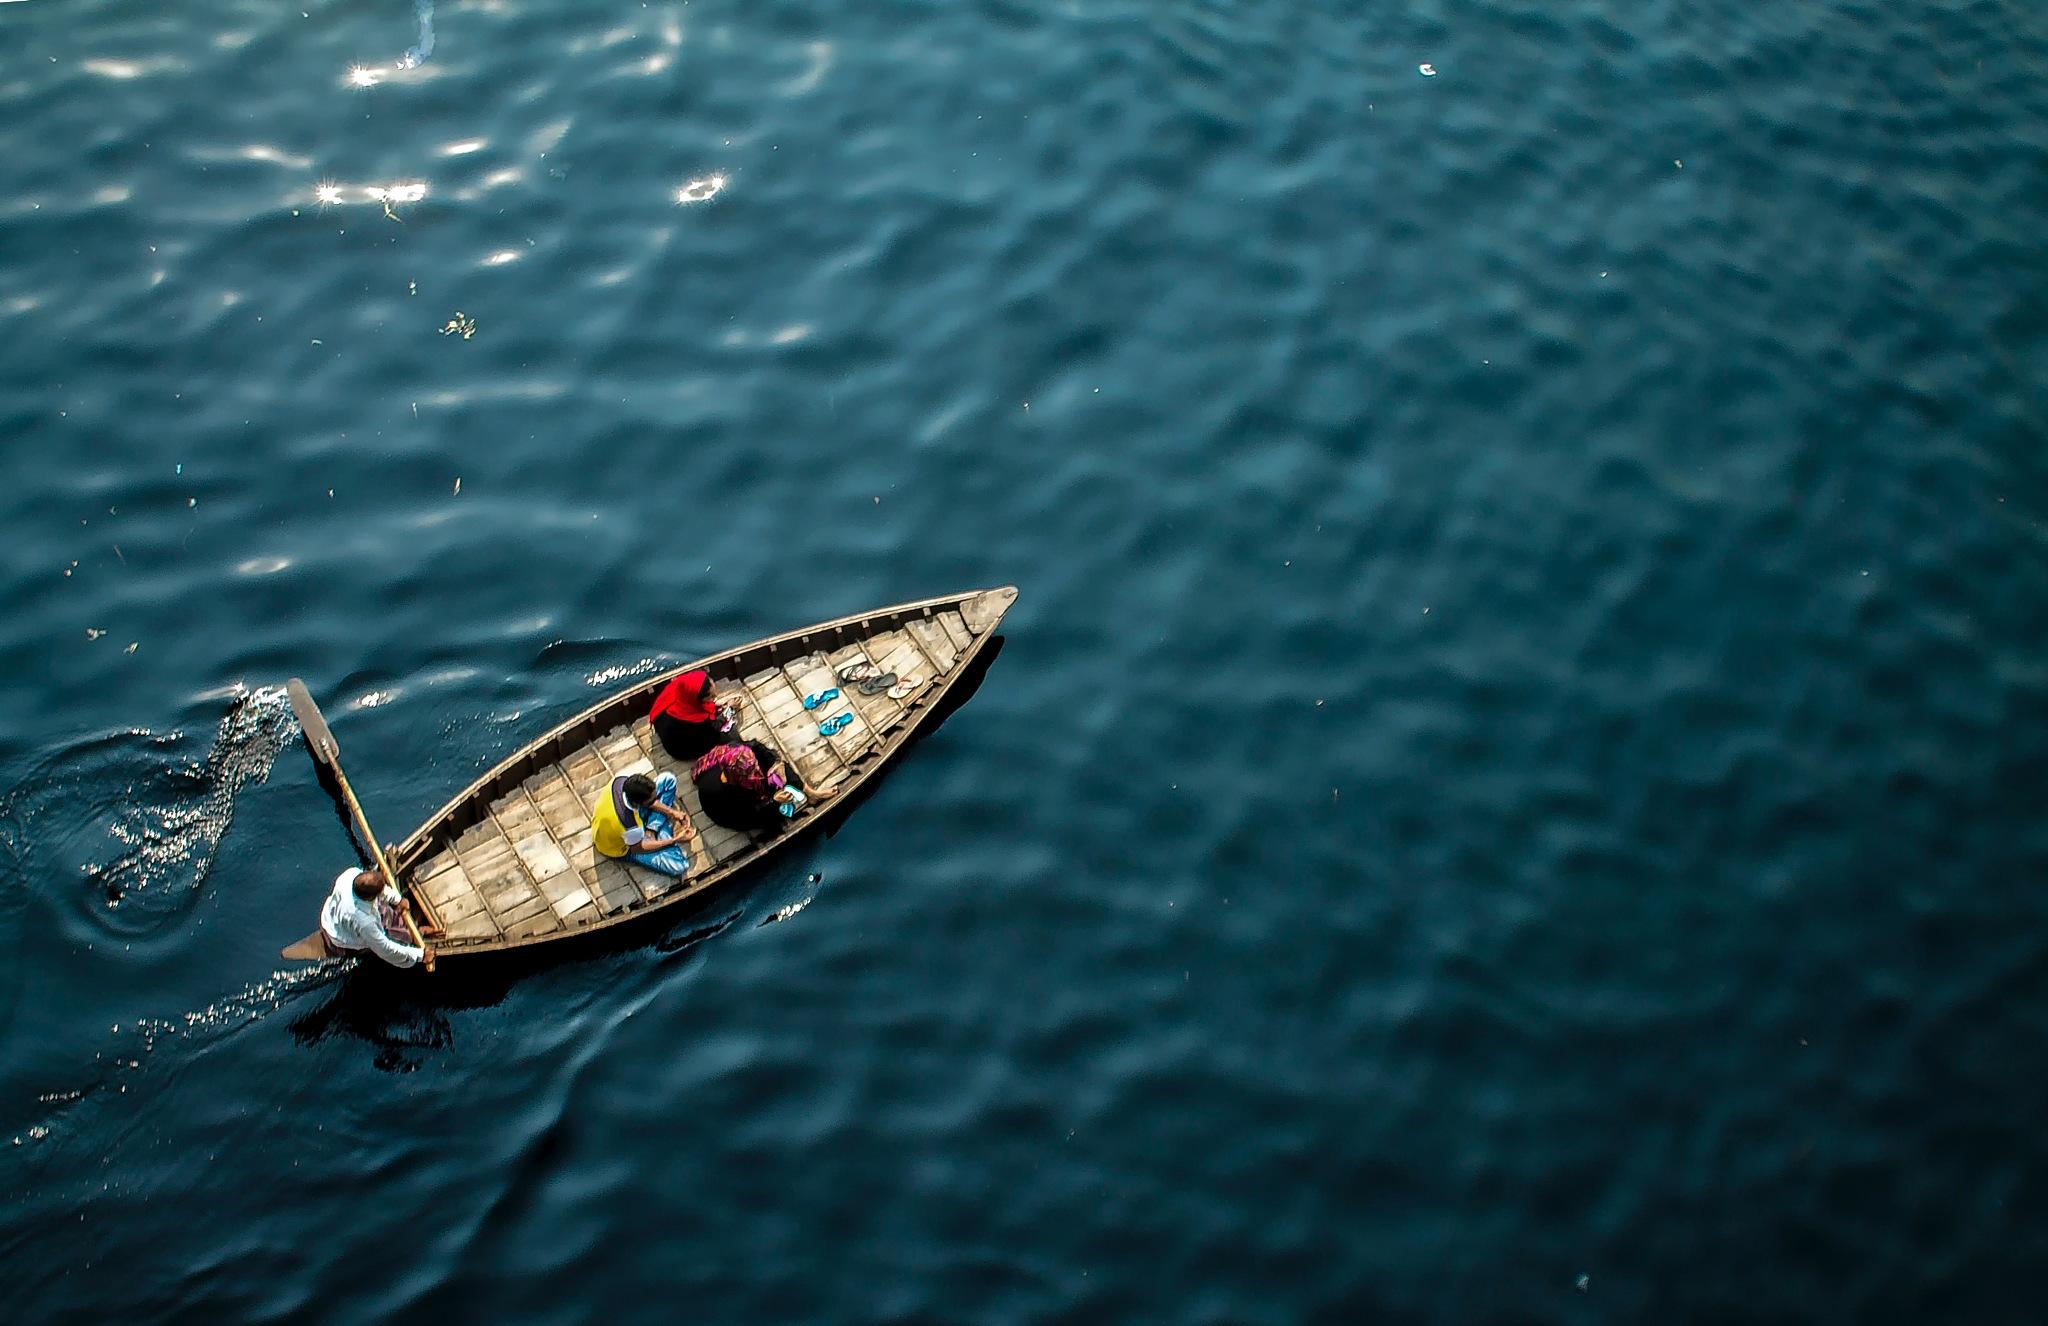 Voyage in blue by Ehsanul Siddiq Aranya